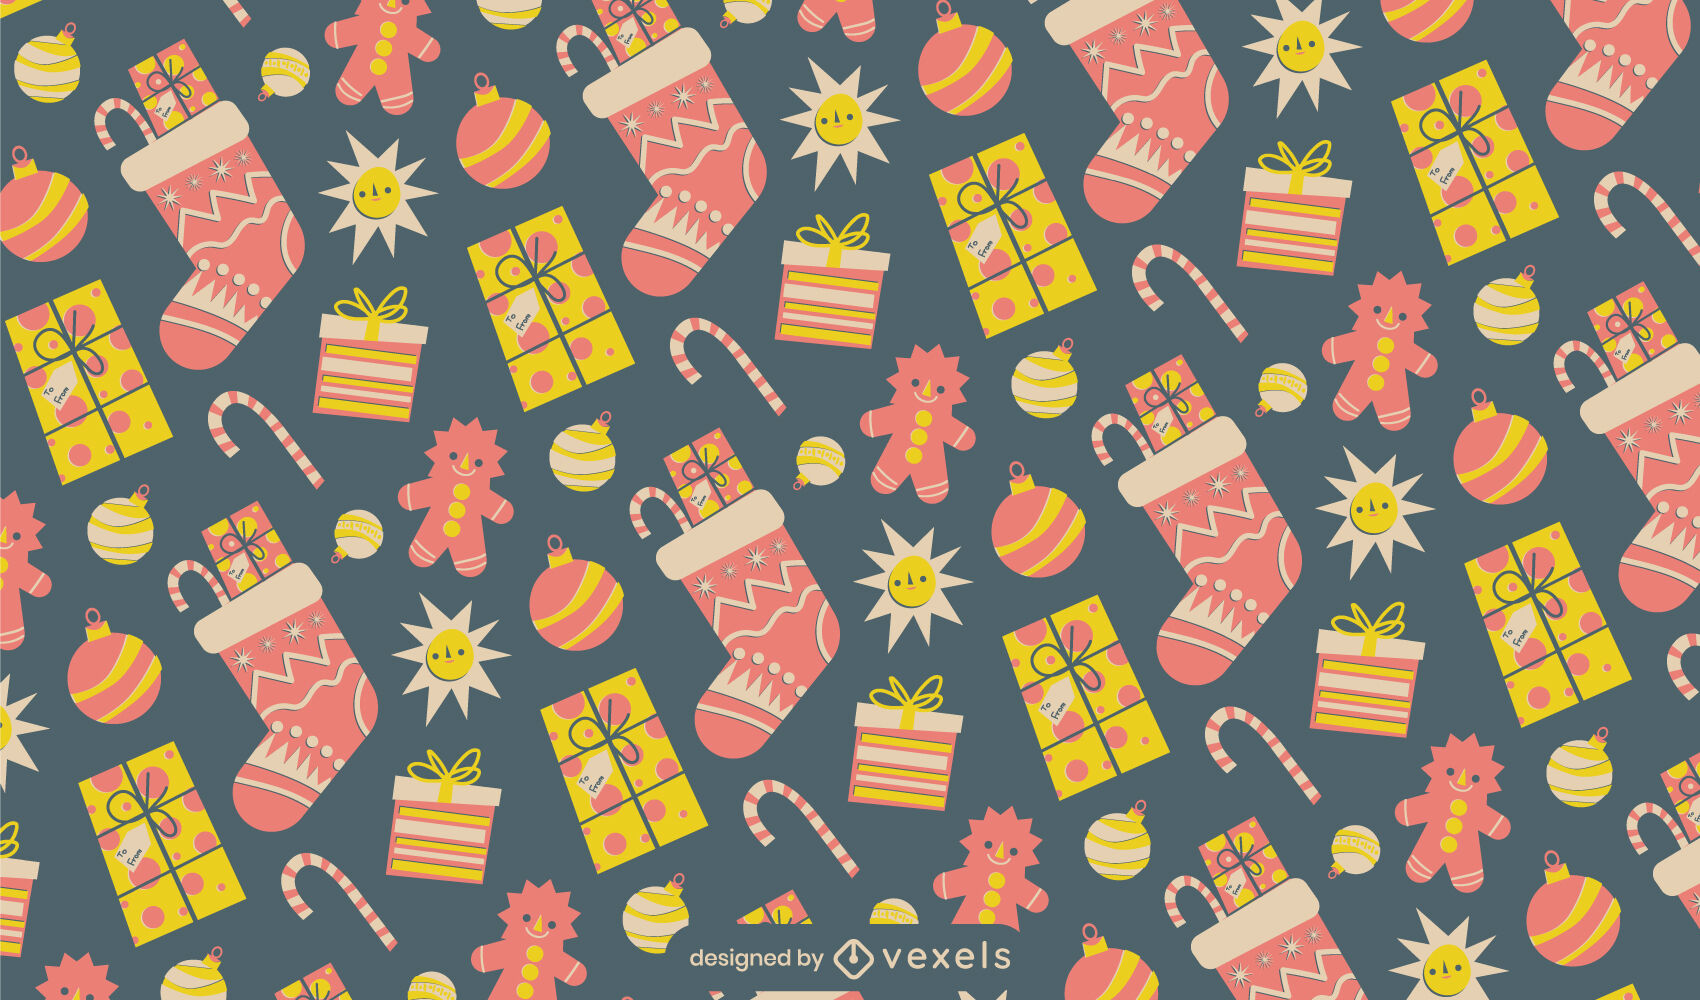 Diseño de patrón de regalos navideños